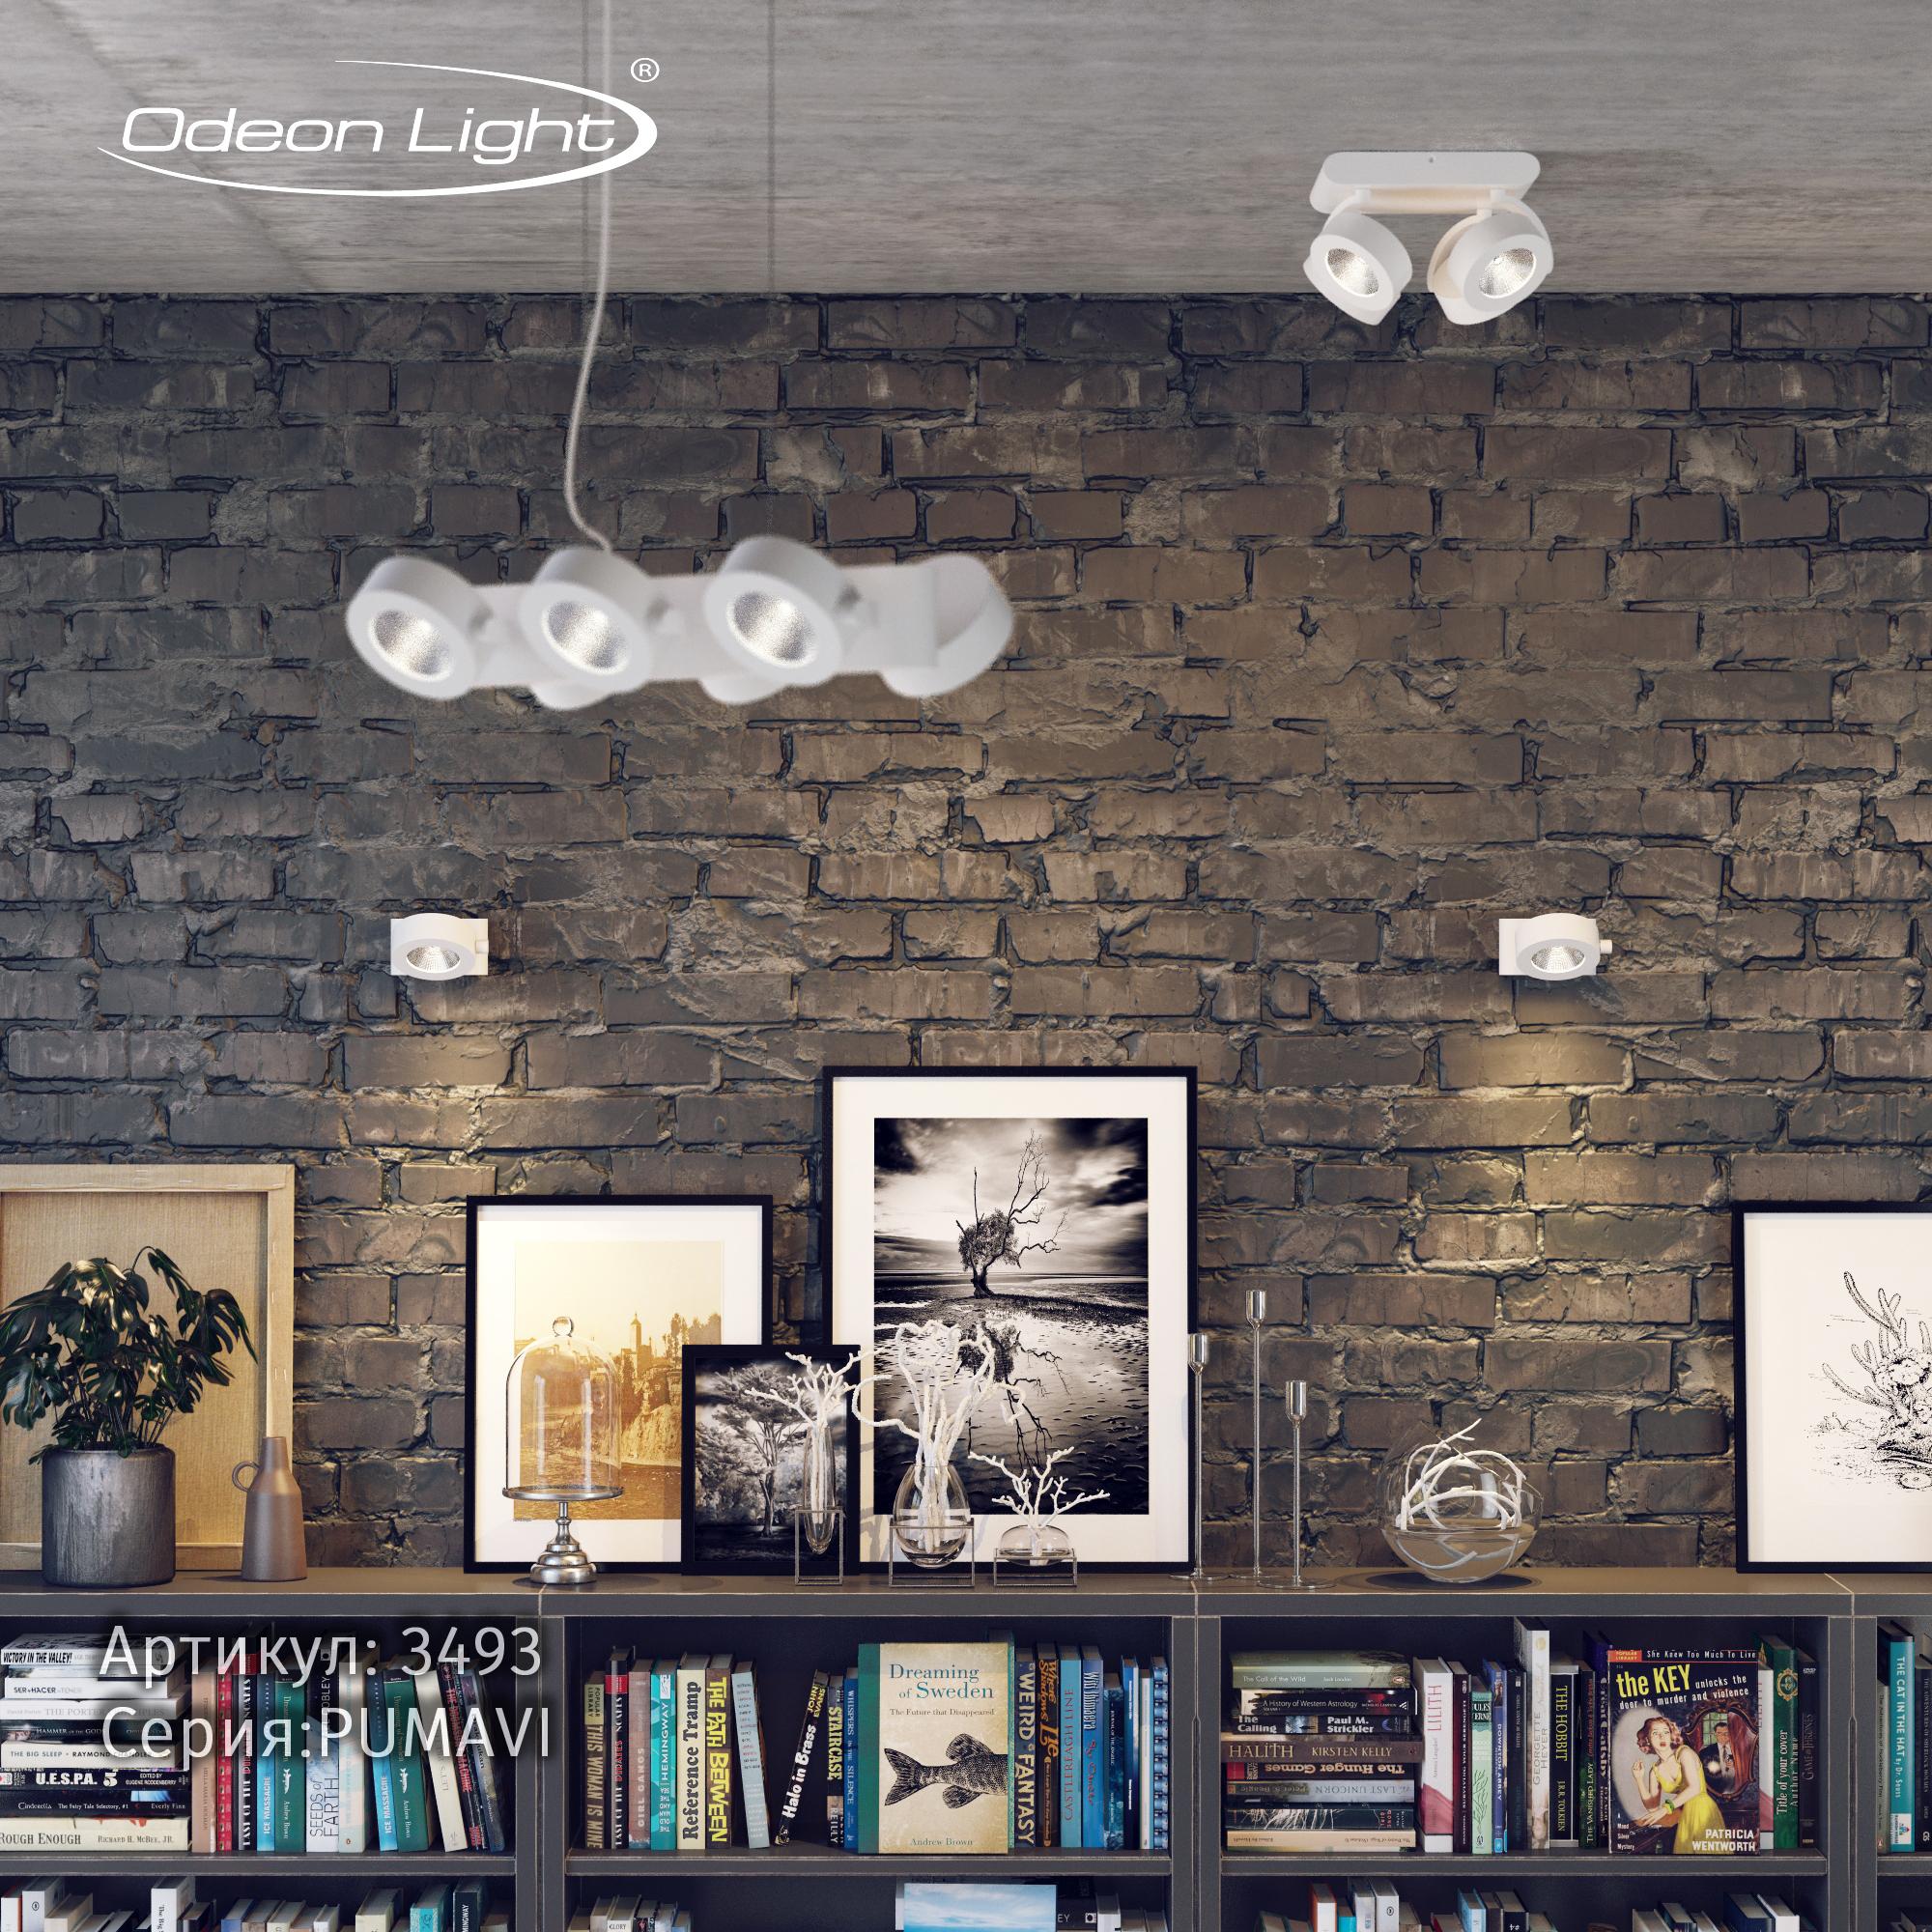 Потолочная светодиодная люстра с регулировкой направления света Odeon Light Pumavi 3493/40CL, LED 40W, 3000K (теплый), белый, металл - фото 2